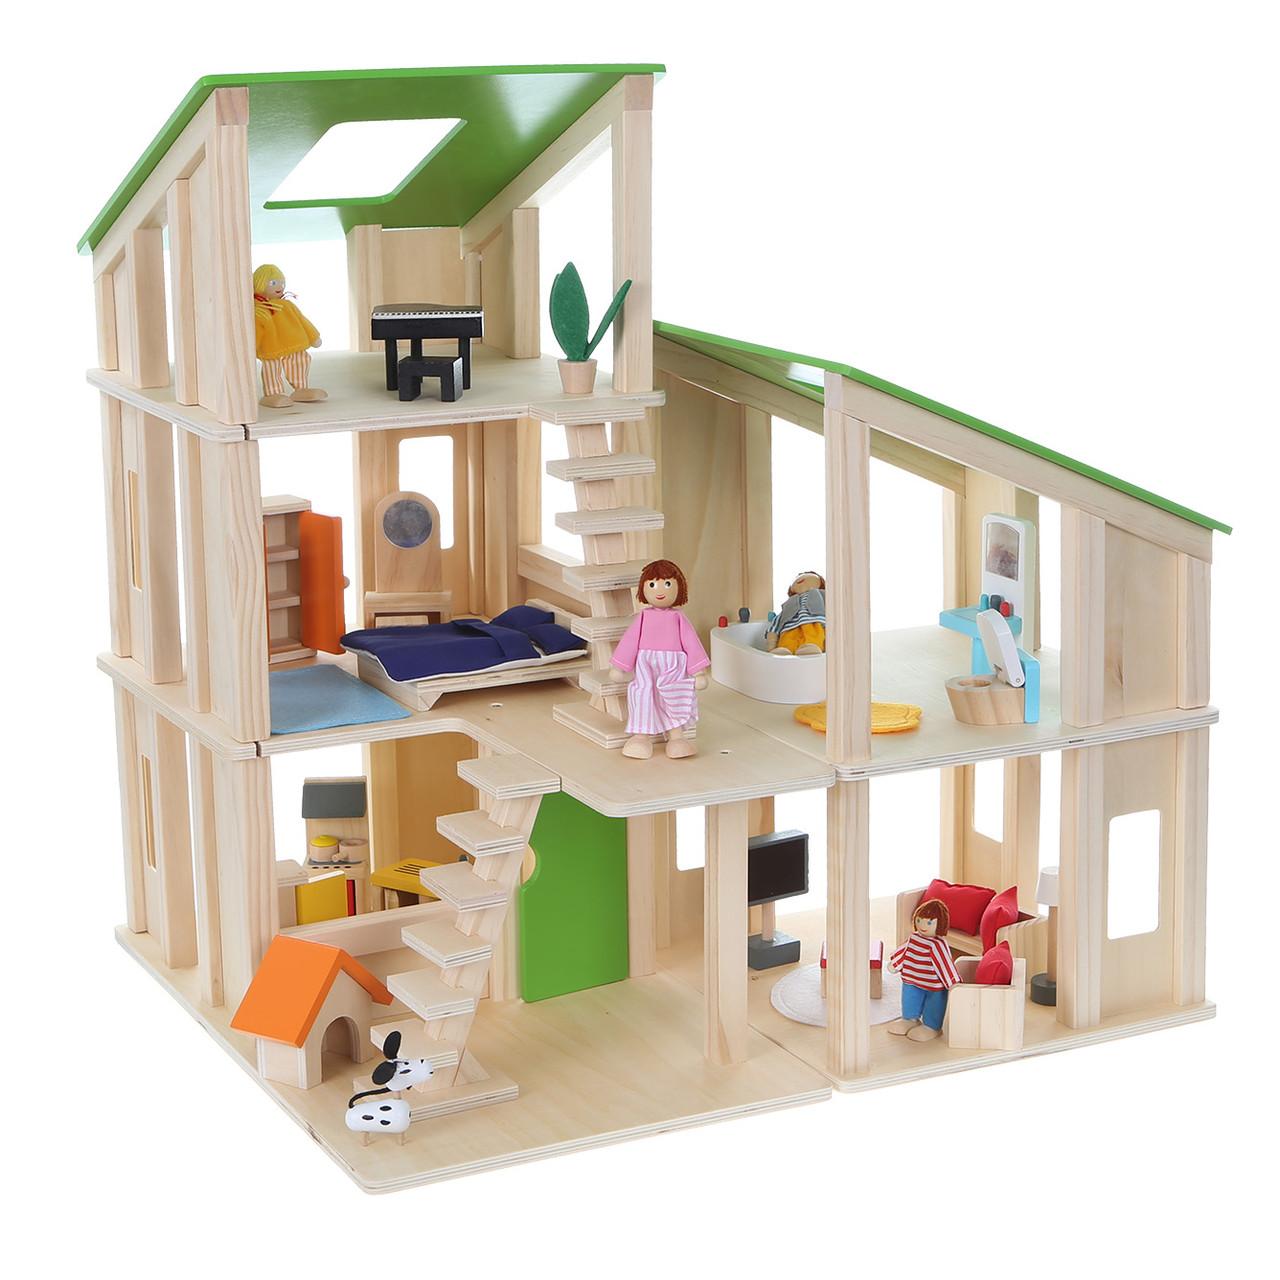 Деревянный кукольный домик с аксессуарами ECOTOYS 4102, фото 1